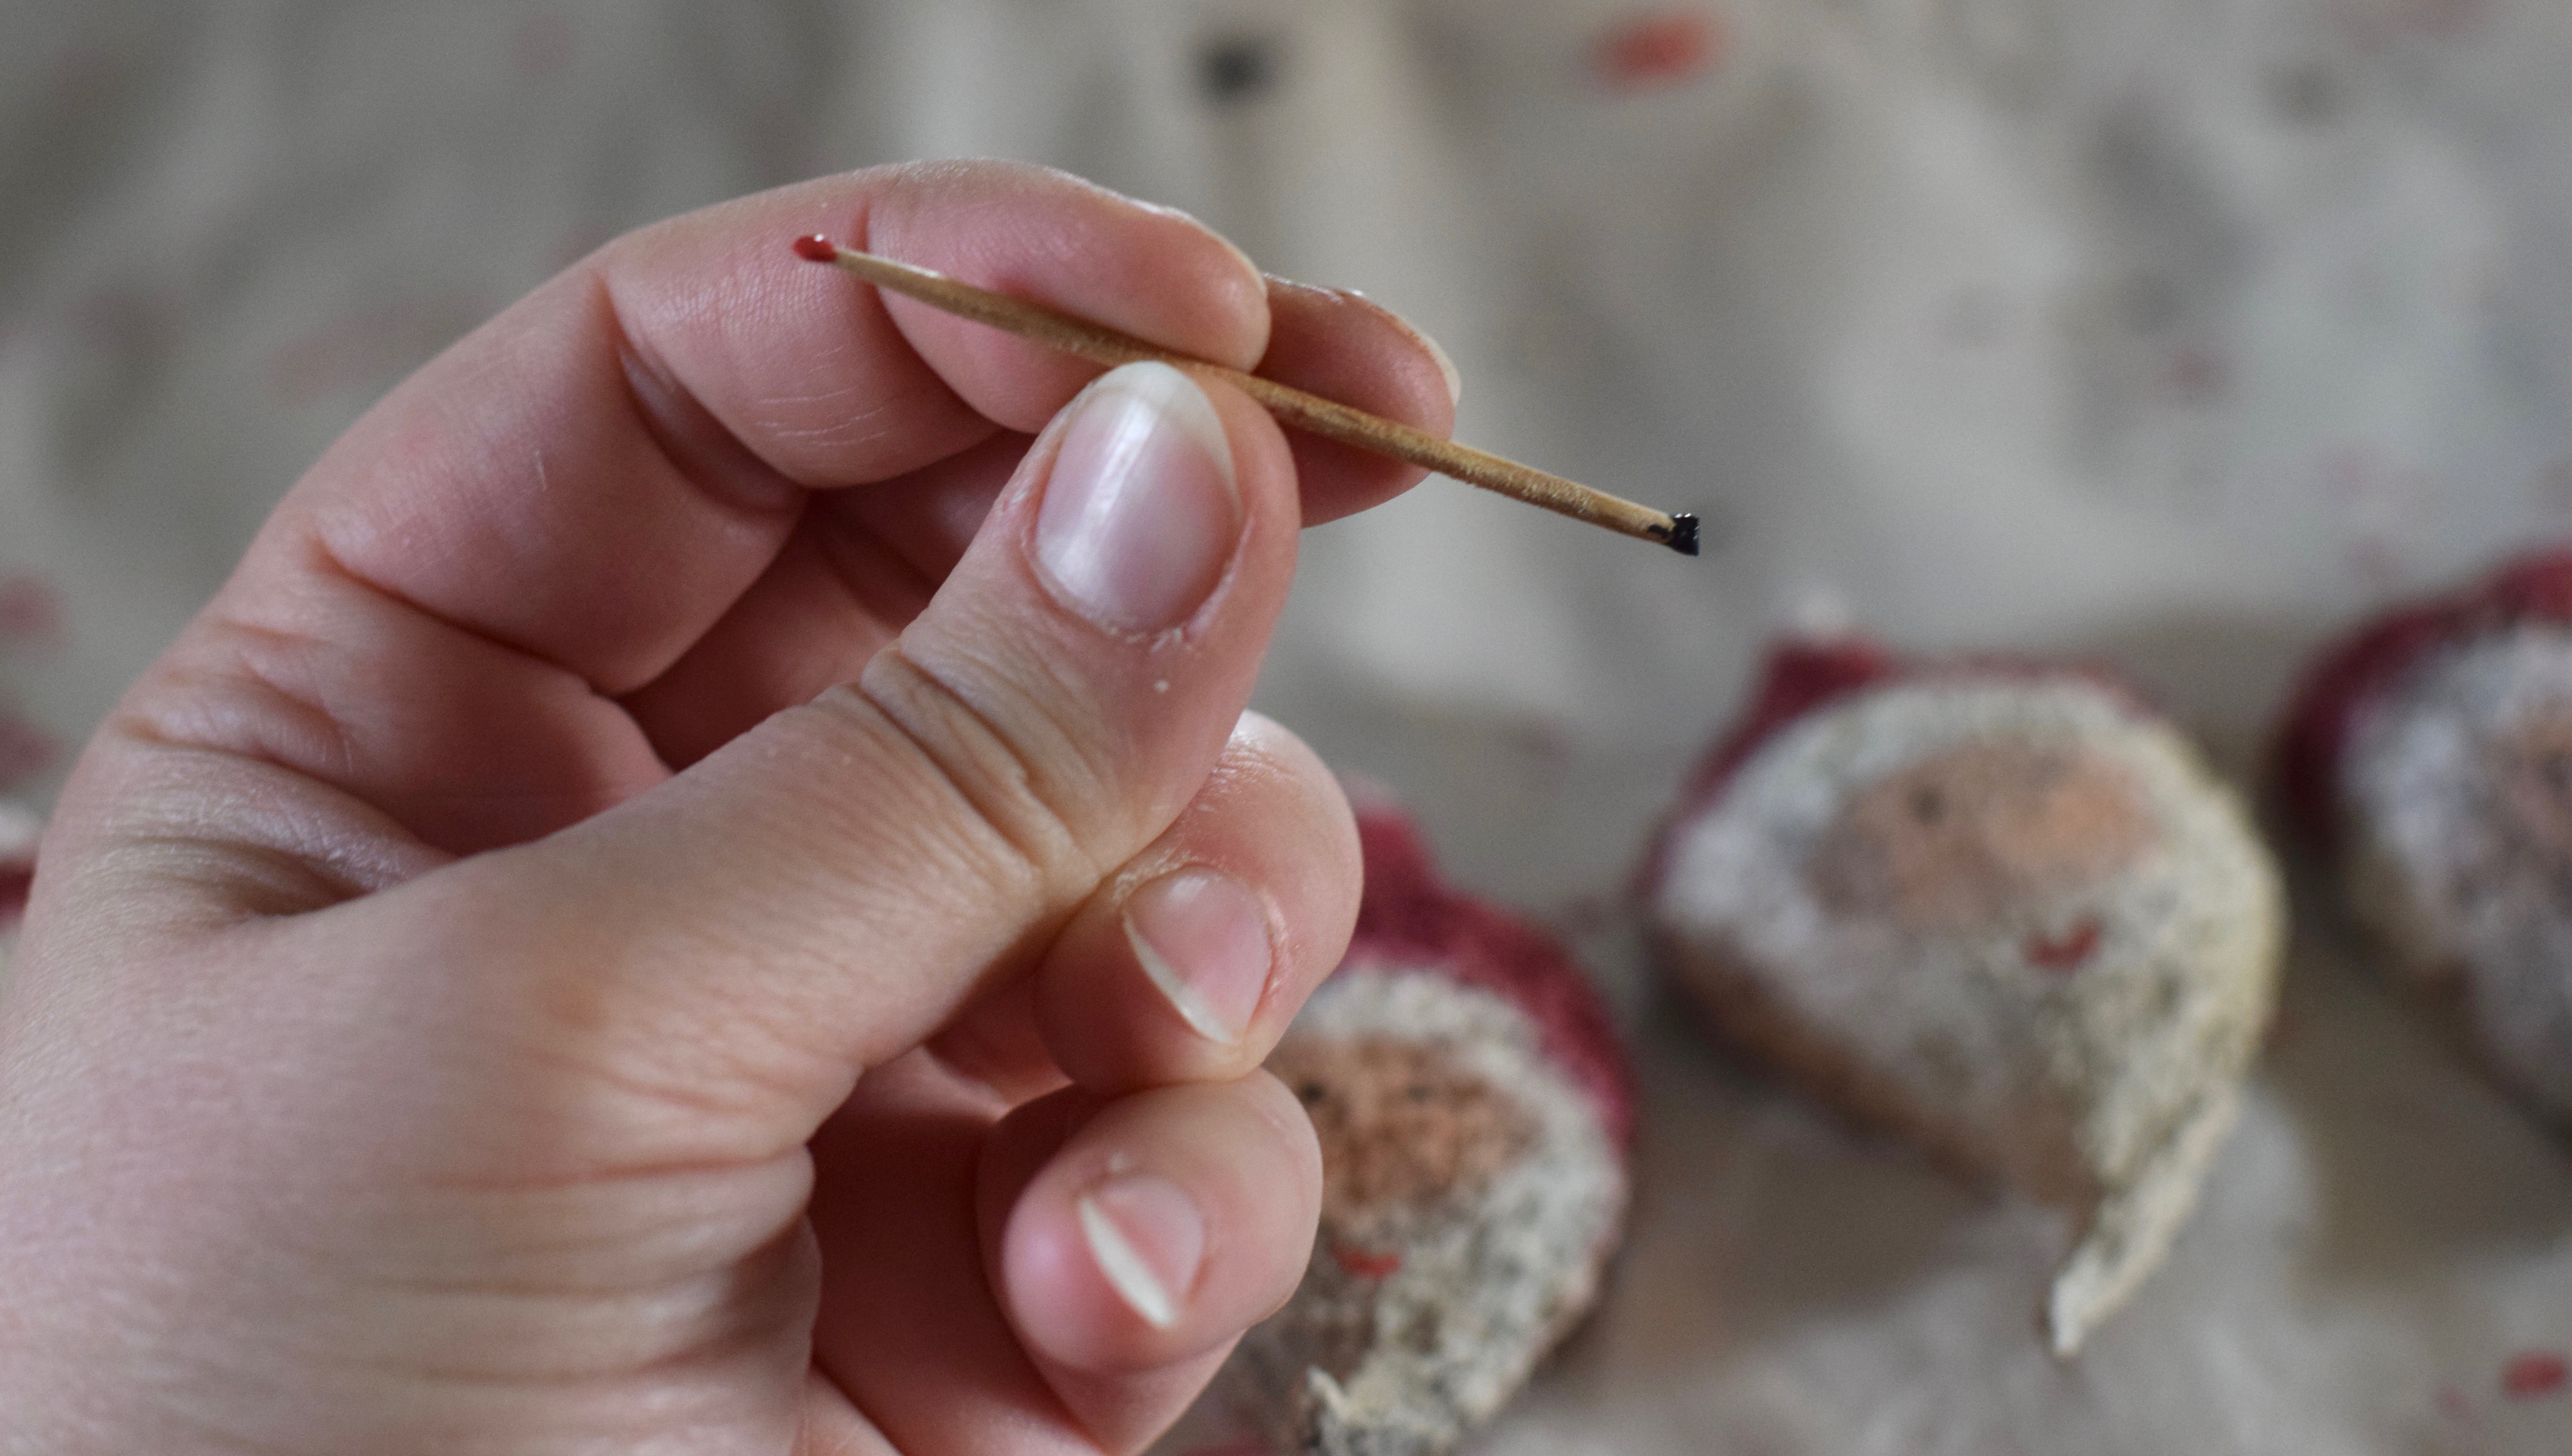 milkweed-pod-santa-toothpick, Milkweed Pod Santa Ornaments {Handmade Gift} Rustic Natural Inexpensive Present | Whole-Fed Homestead